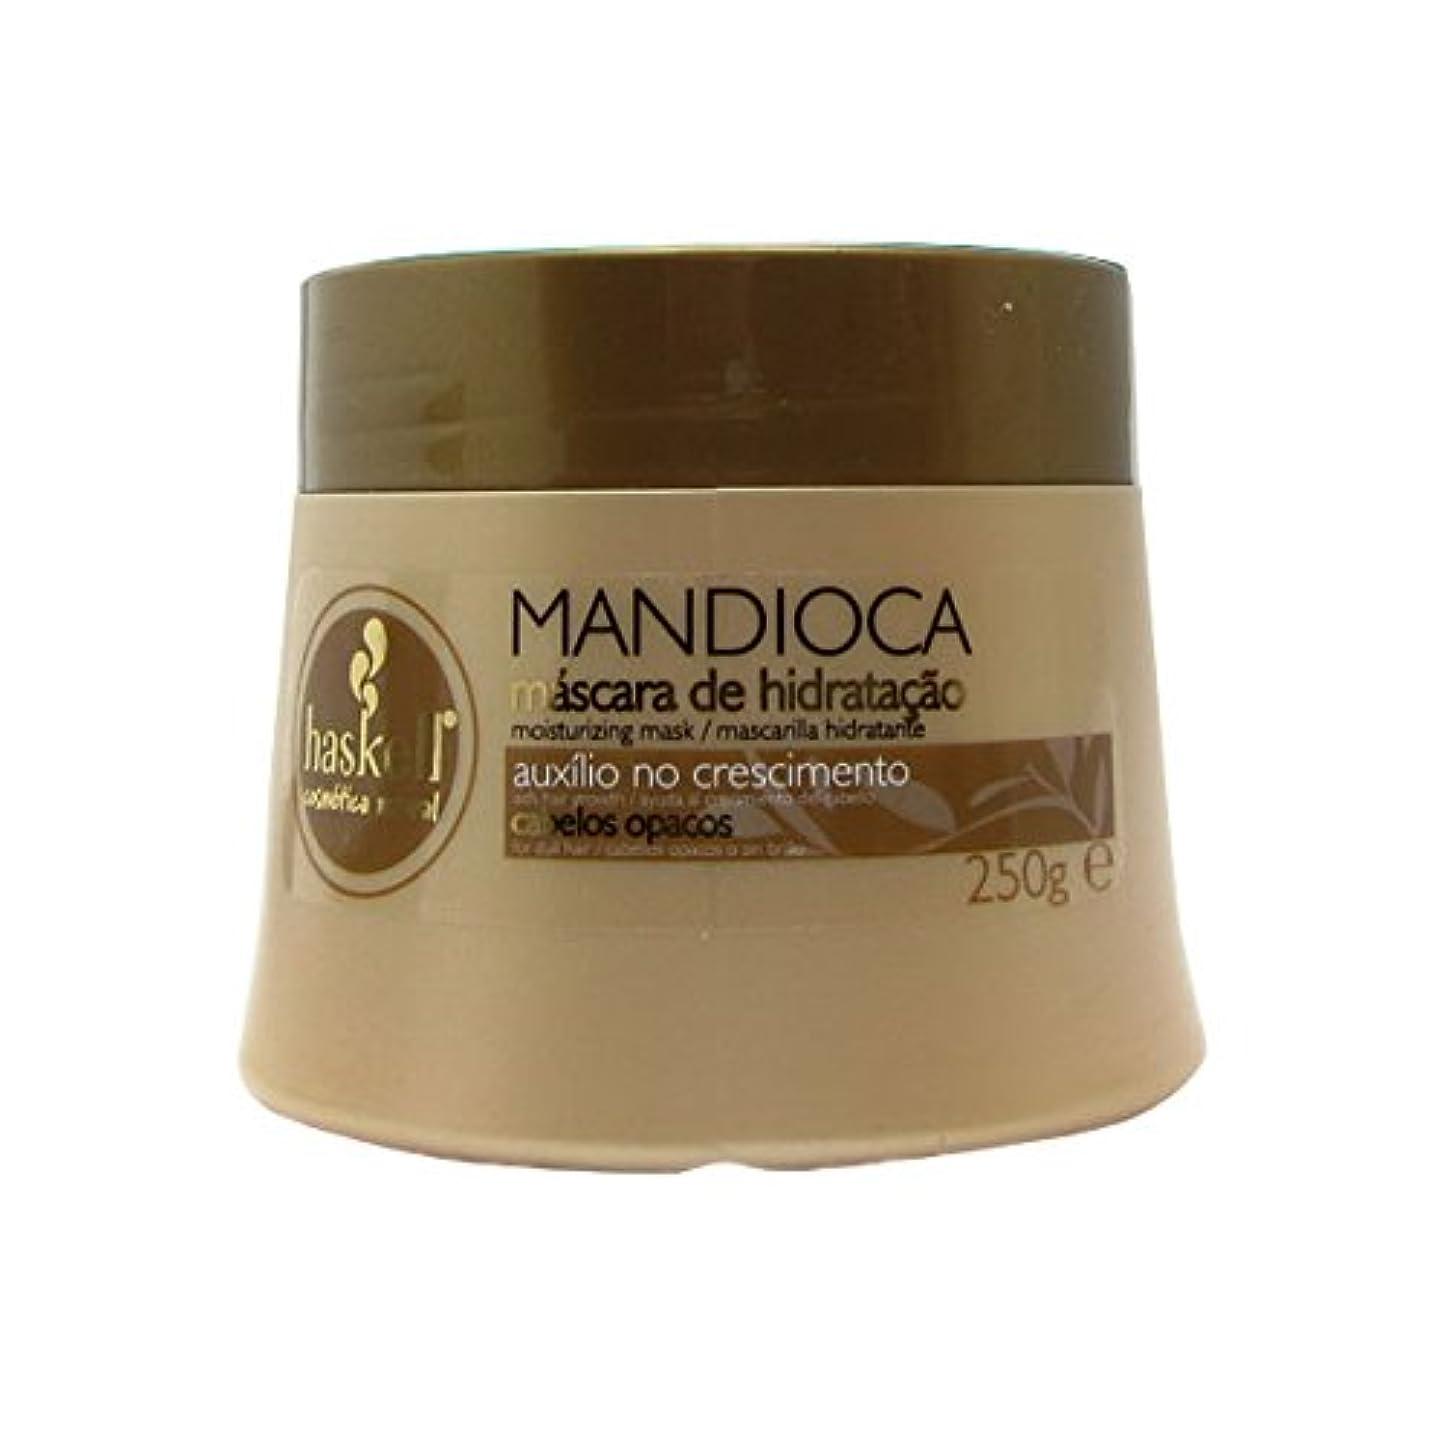 人工的な逸脱ポイントHaskell Mandioca Hair Mask 250g [並行輸入品]